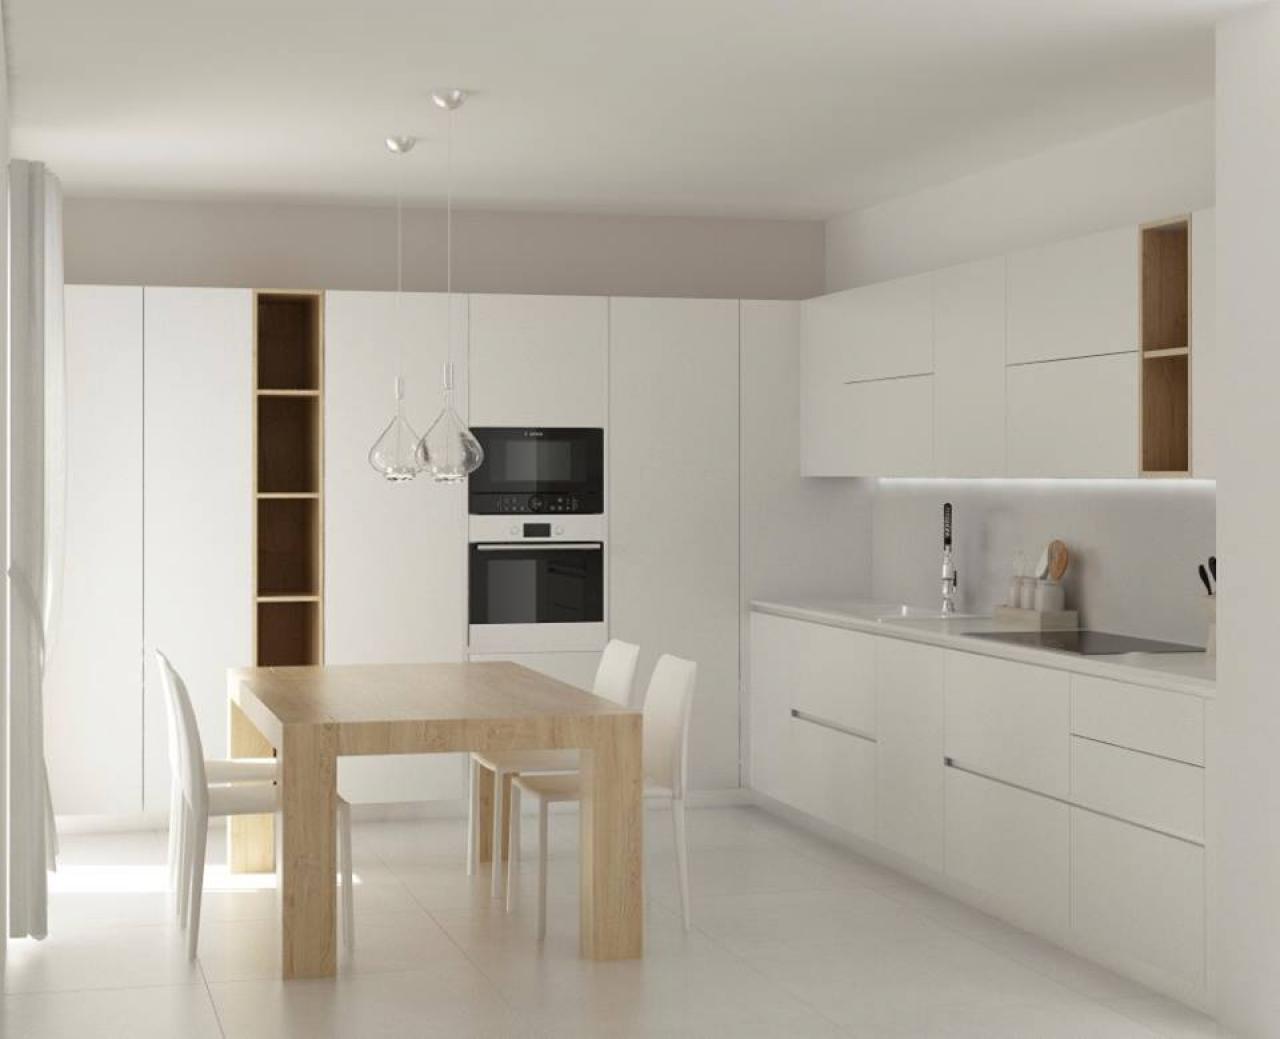 Cucina moderna tavolo separato o penisola fratelli - Cucina bianca e legno ...